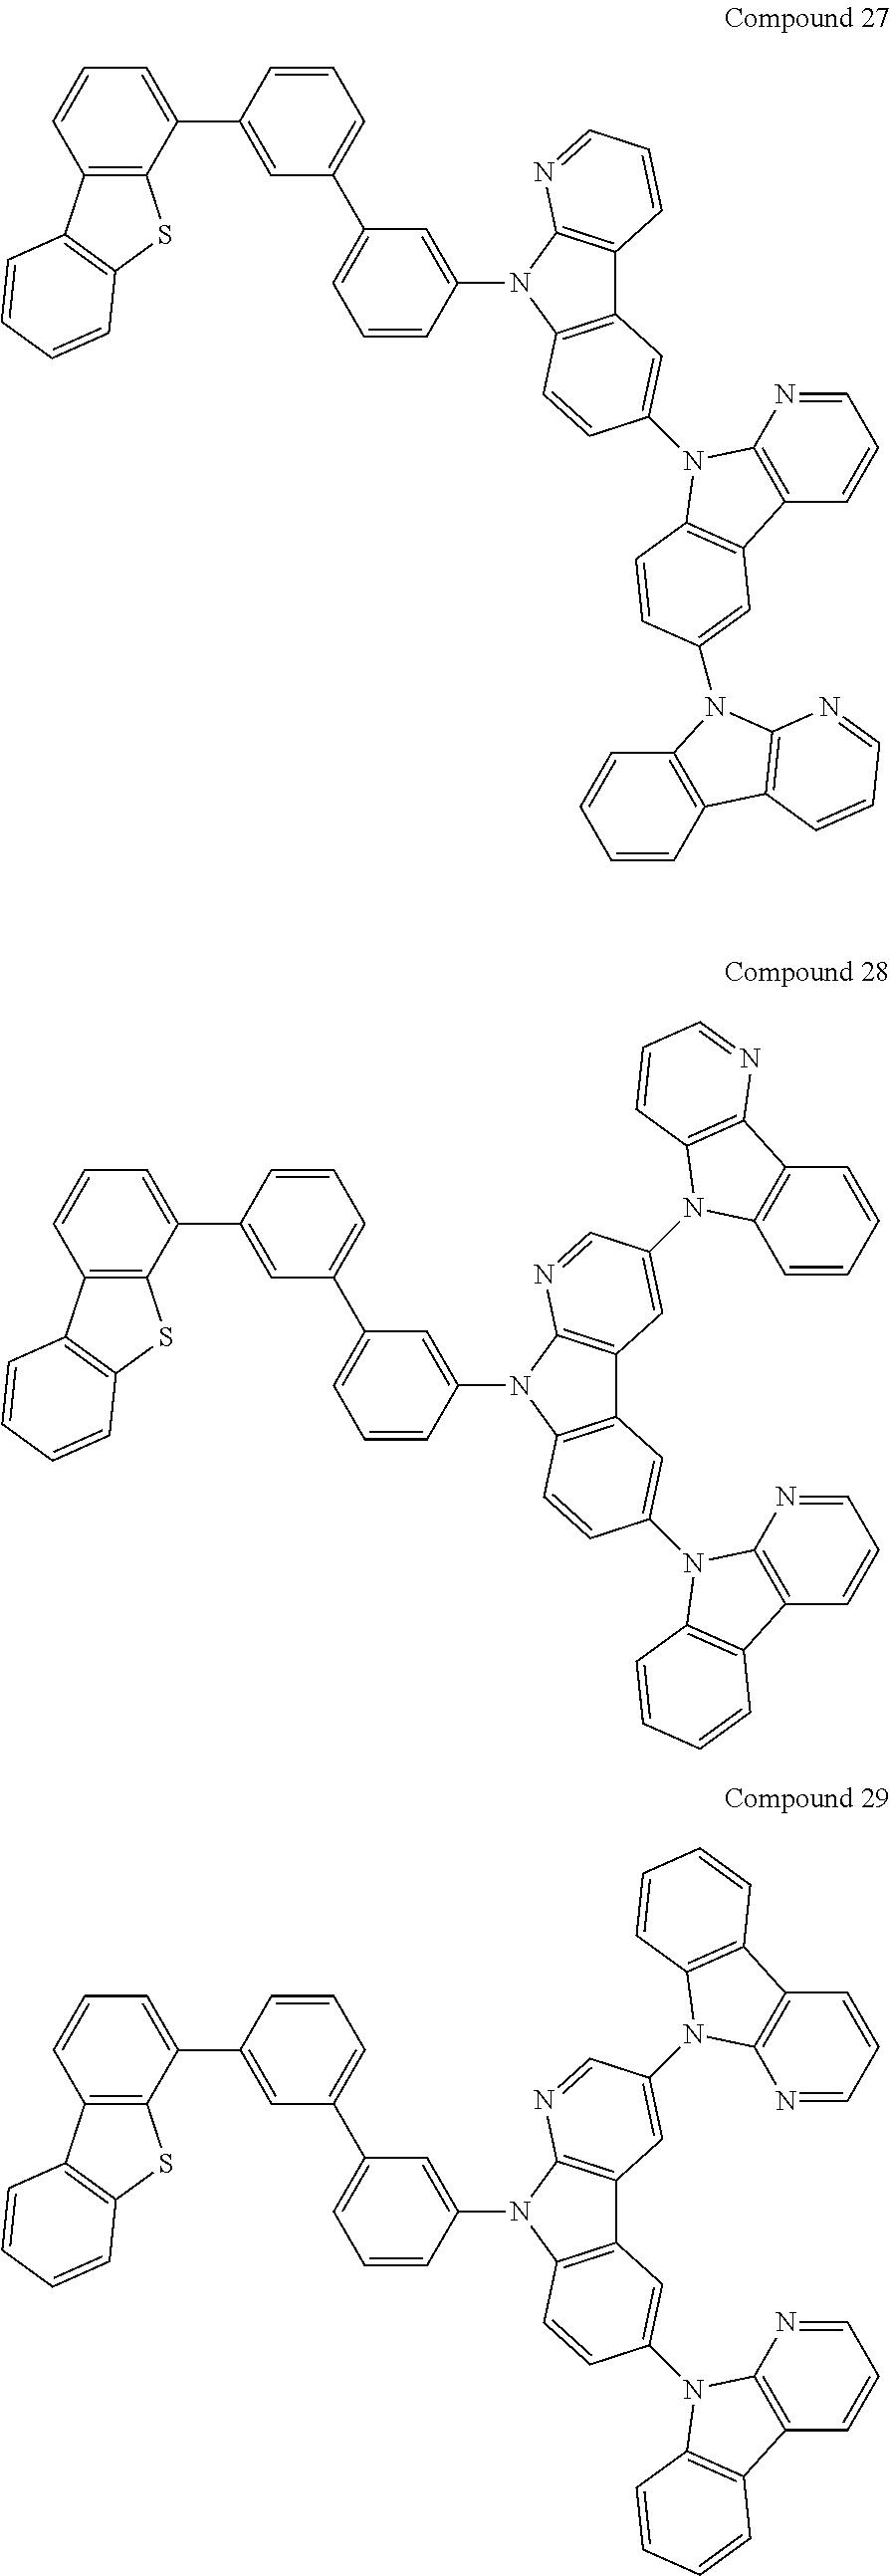 Figure US08580399-20131112-C00025